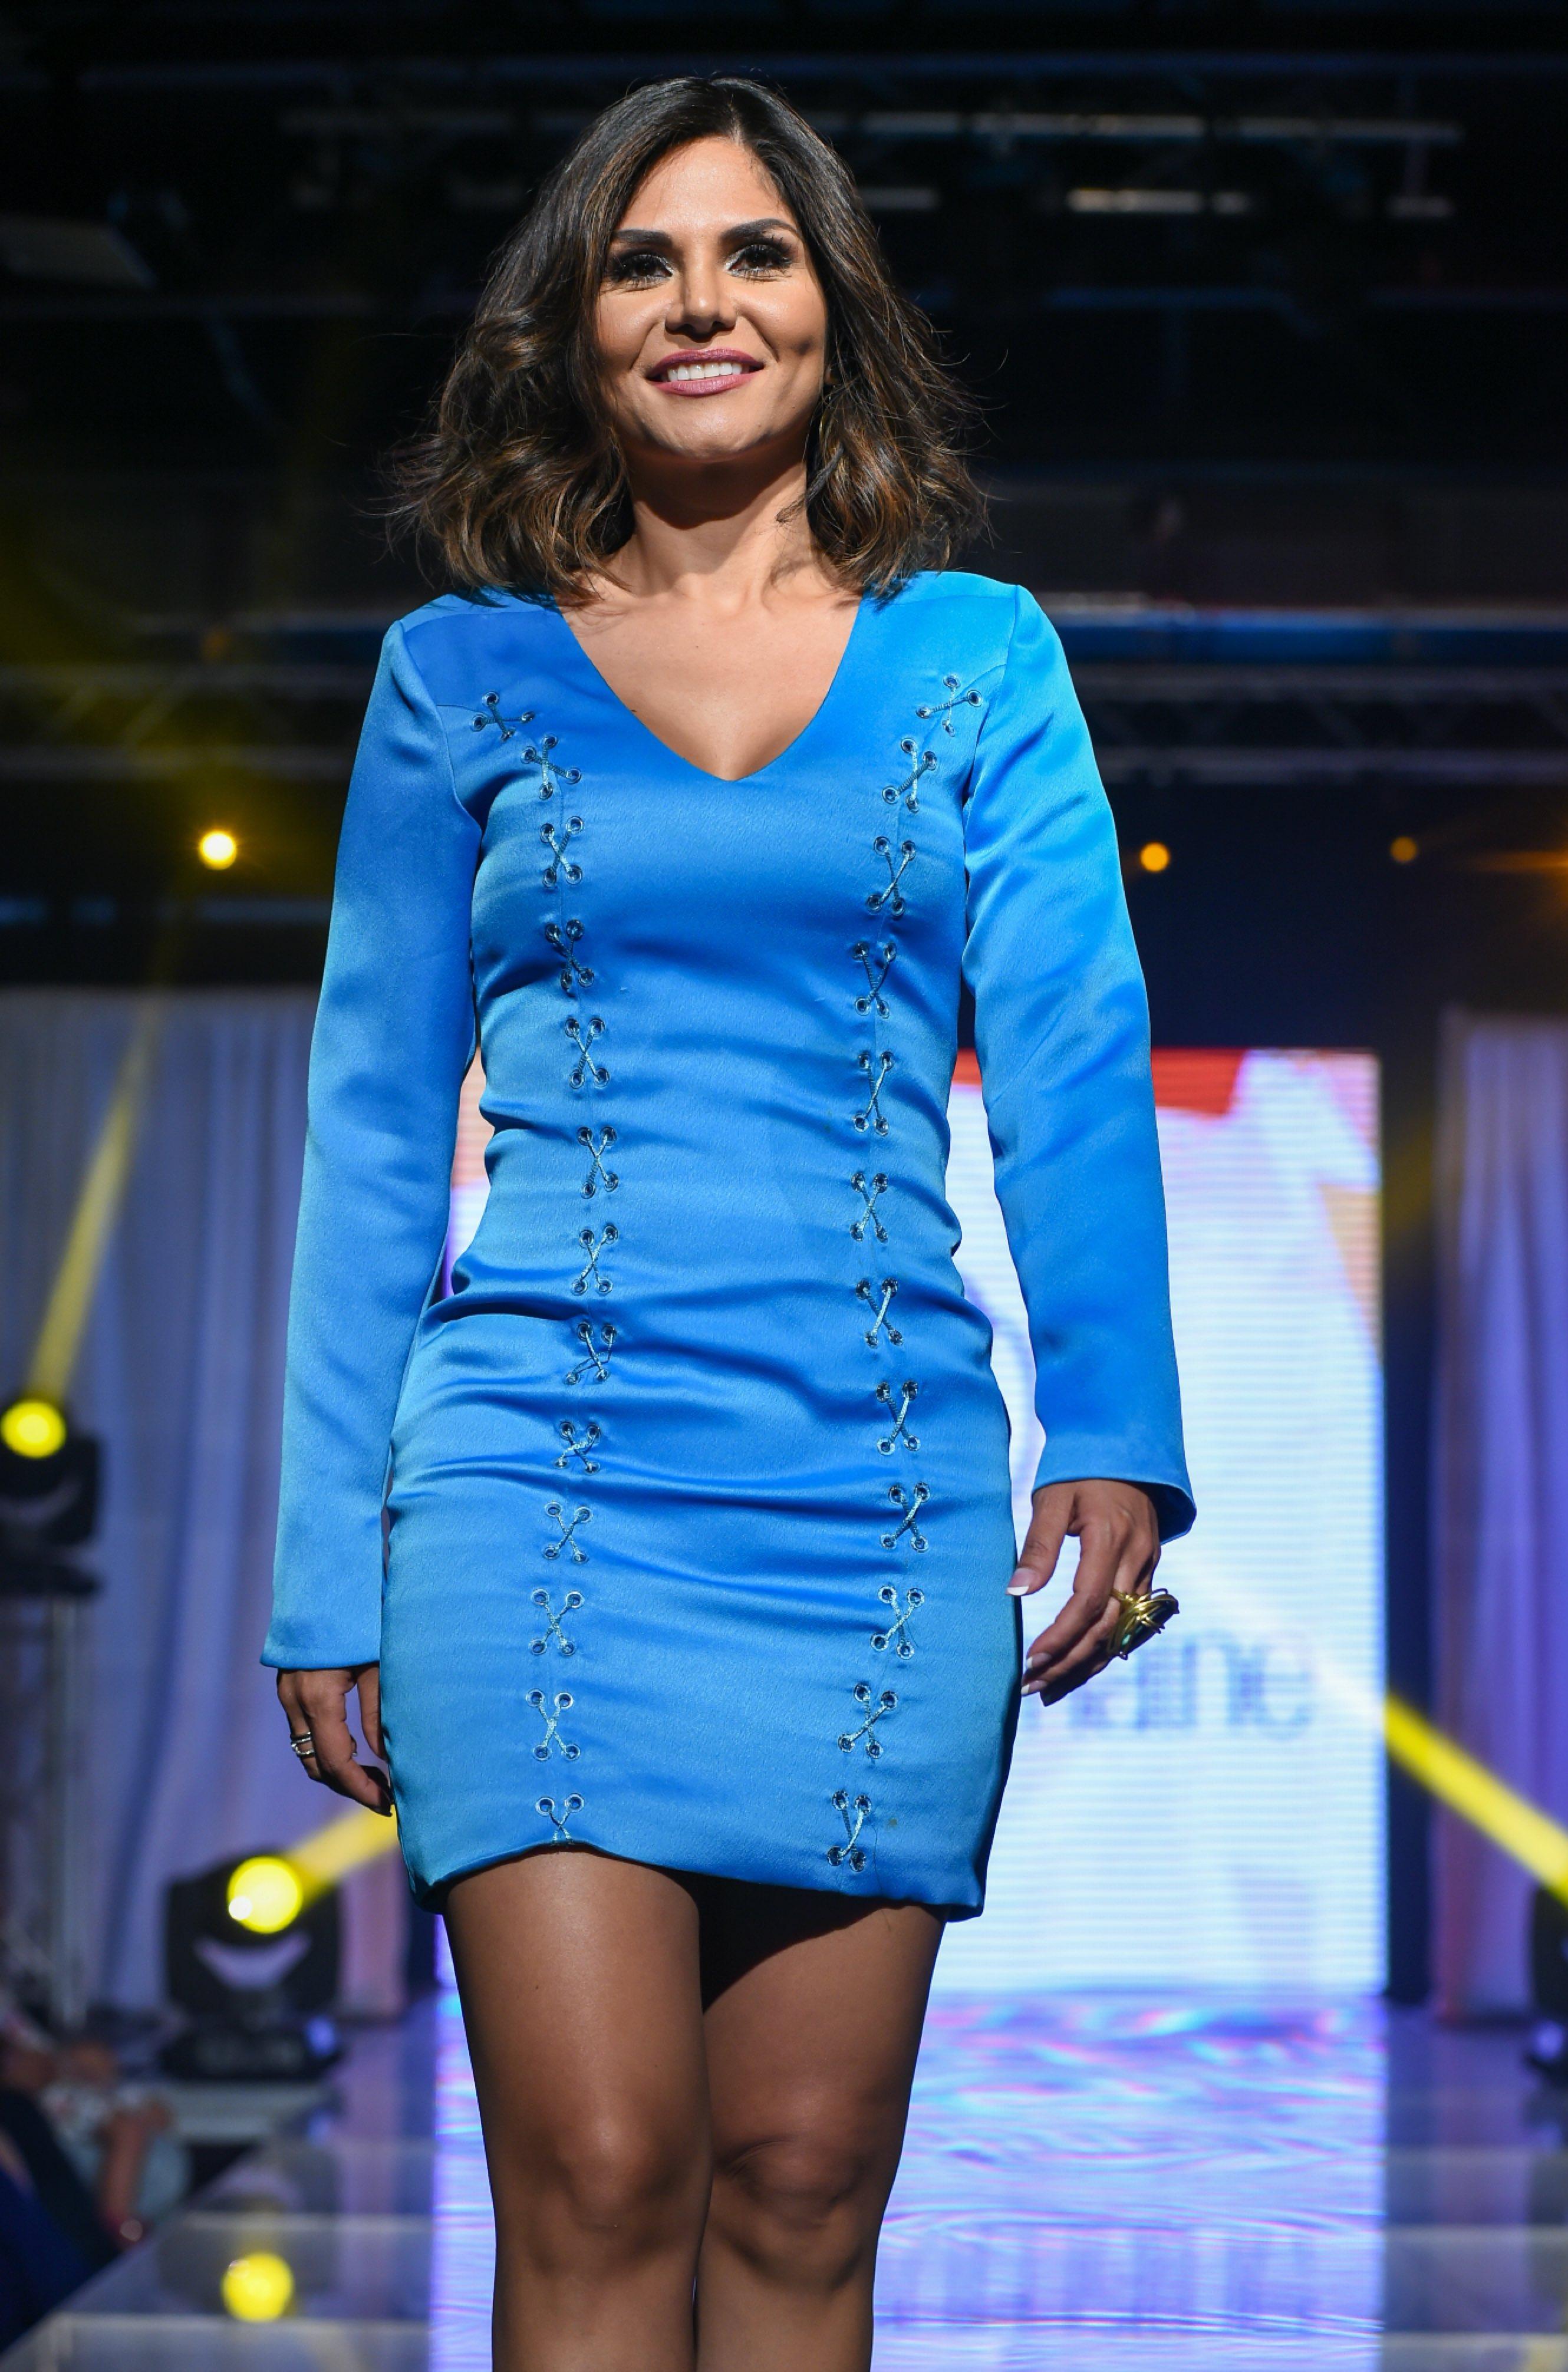 MHBF 2016 – Sofia Dumaine – 14